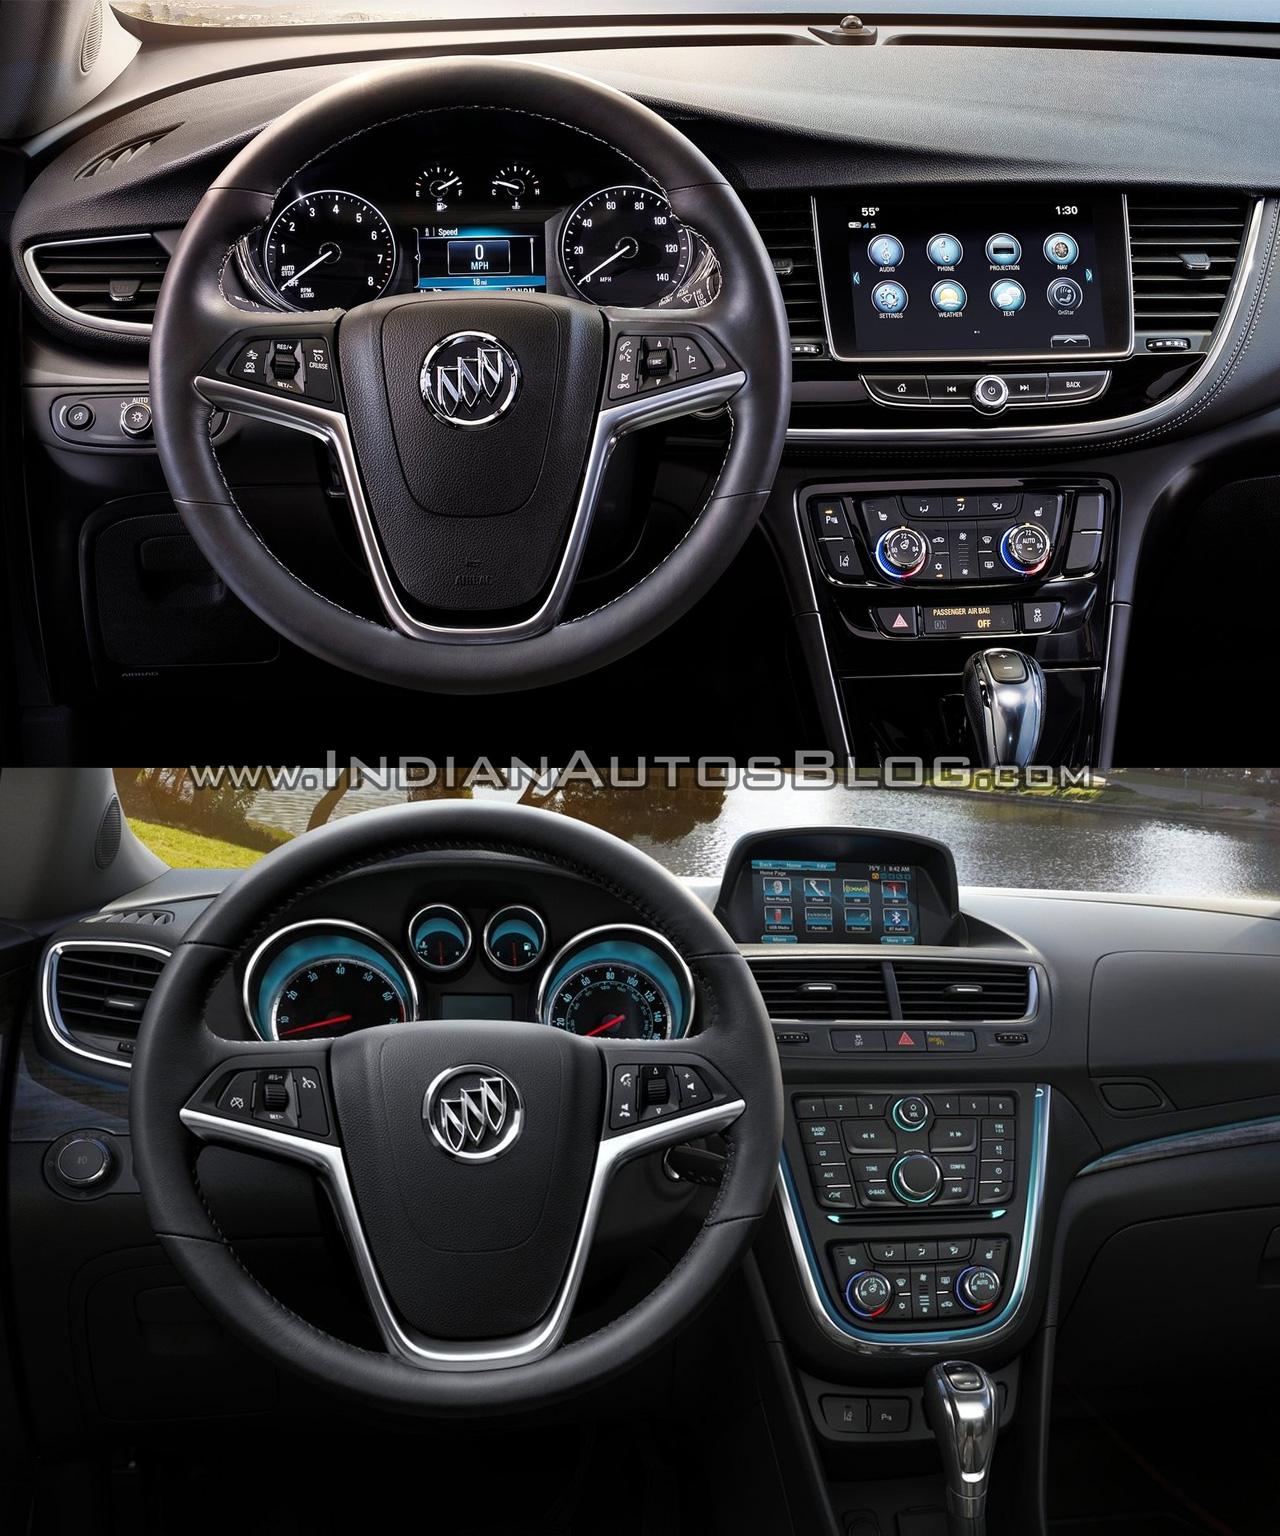 2017 Buick Encore Vs 2013 Buick Encore Interior Dashboard Driver Side